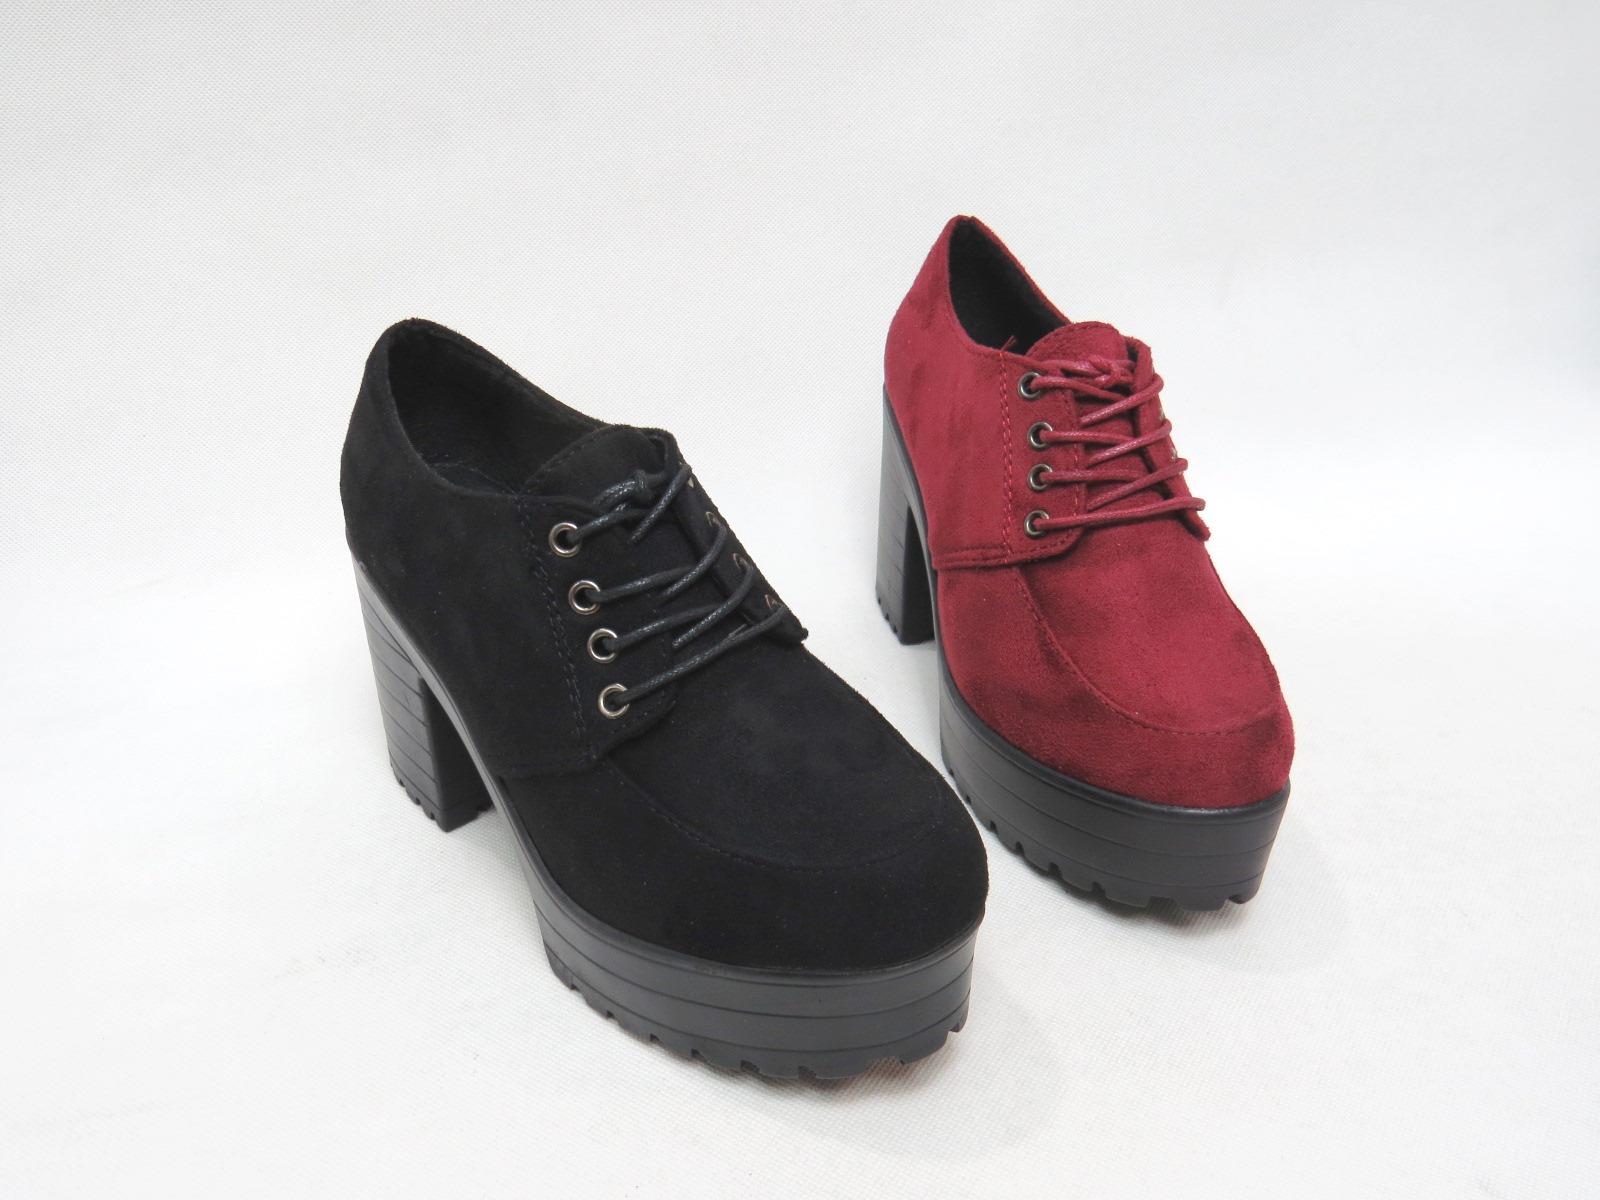 *免運*韓風帥氣厚底粗跟鞋帶圓頭包鞋15-M802(紅/黑)*[彩虹屋]* 現+預